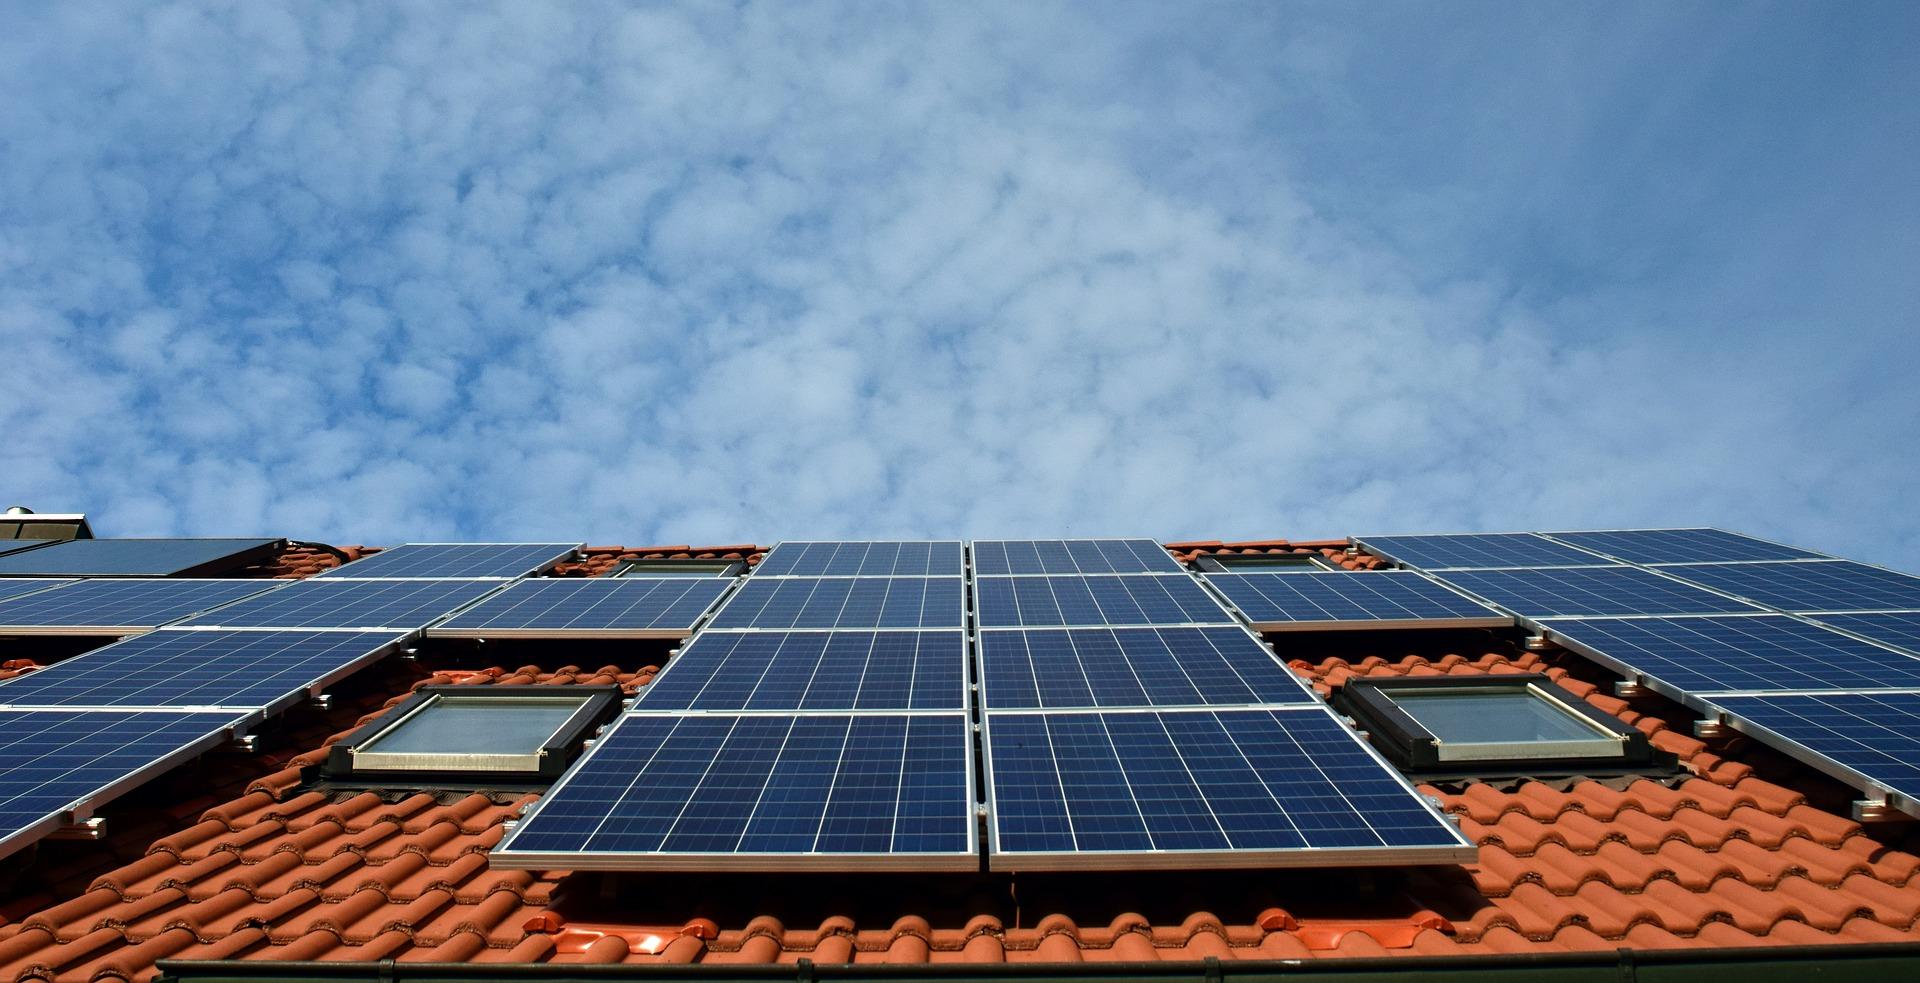 太陽光発電業界のメーカーと投資用土地付き太陽光発電のパワコン